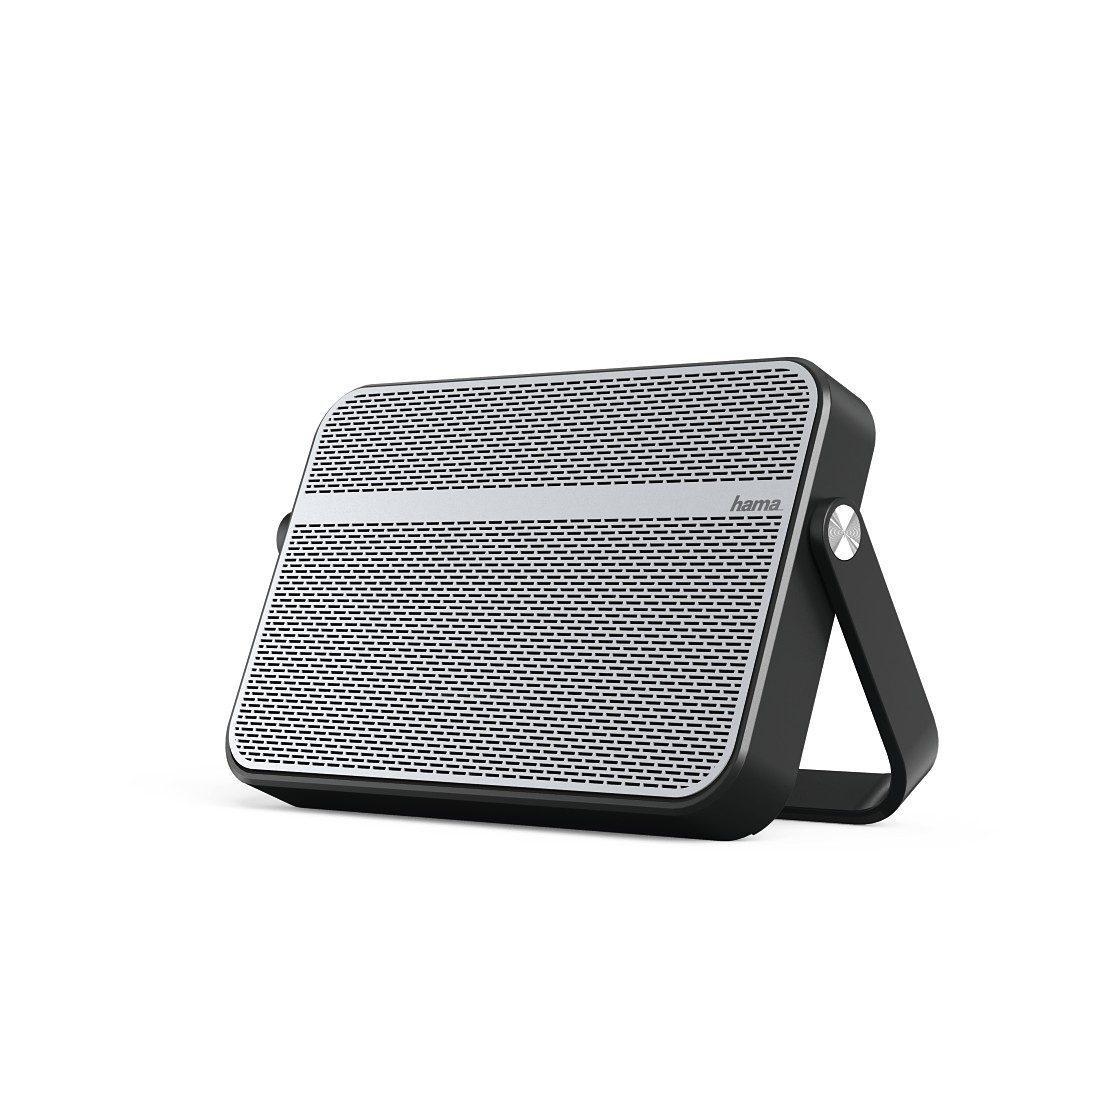 Hama Mobiler Bluetooth Lautsprecher Blade mit 3,5 mm Klinke 10 W »spritzwassergeschützt tragbar«